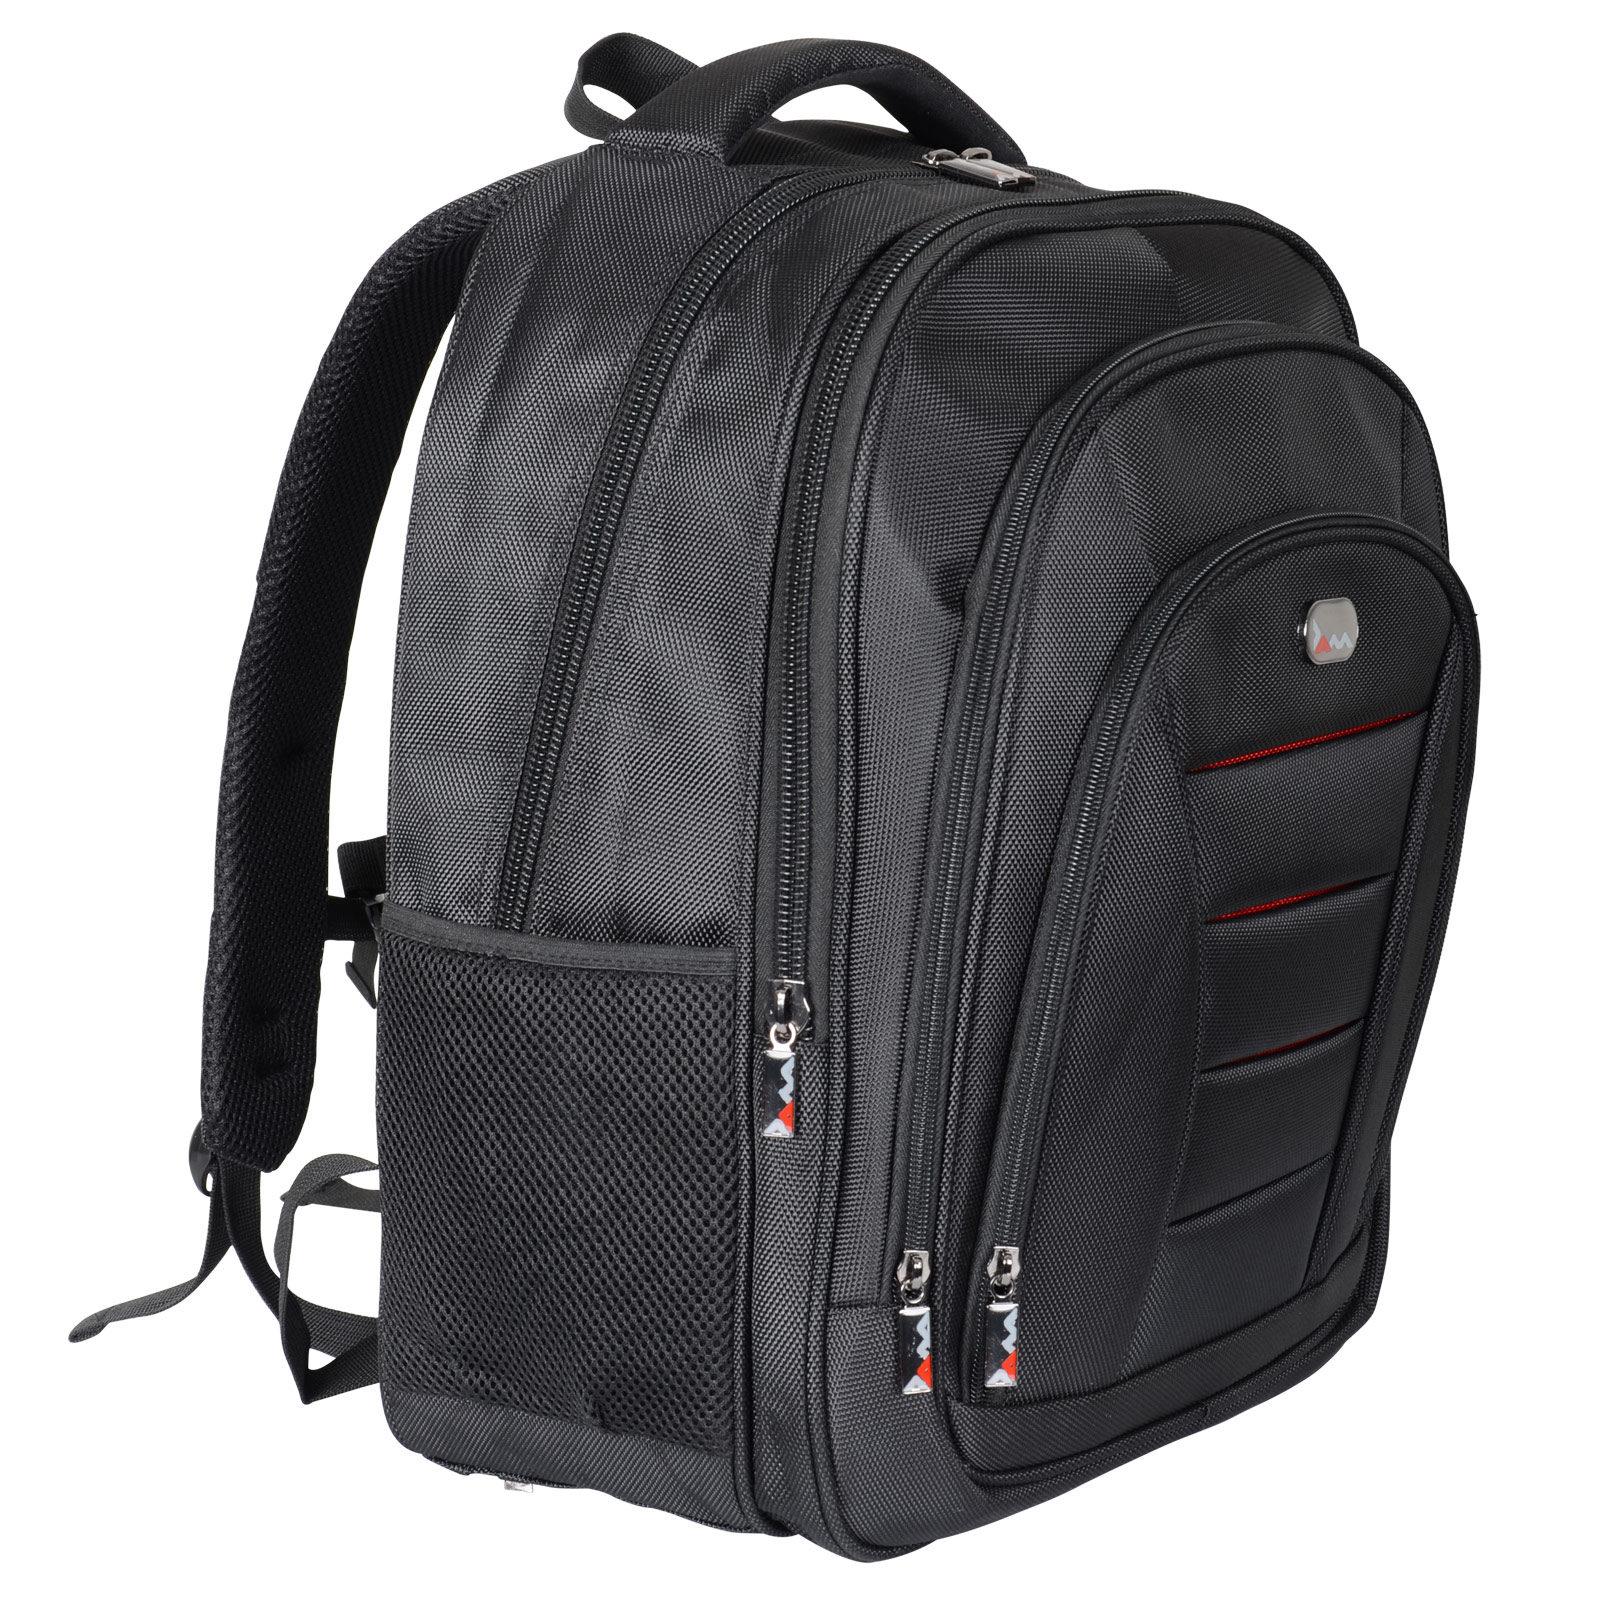 SALE-JAM-Business-Laptop-Backpack-Rucksack-Bag-Travel-Hand-Luggage-30-Litre